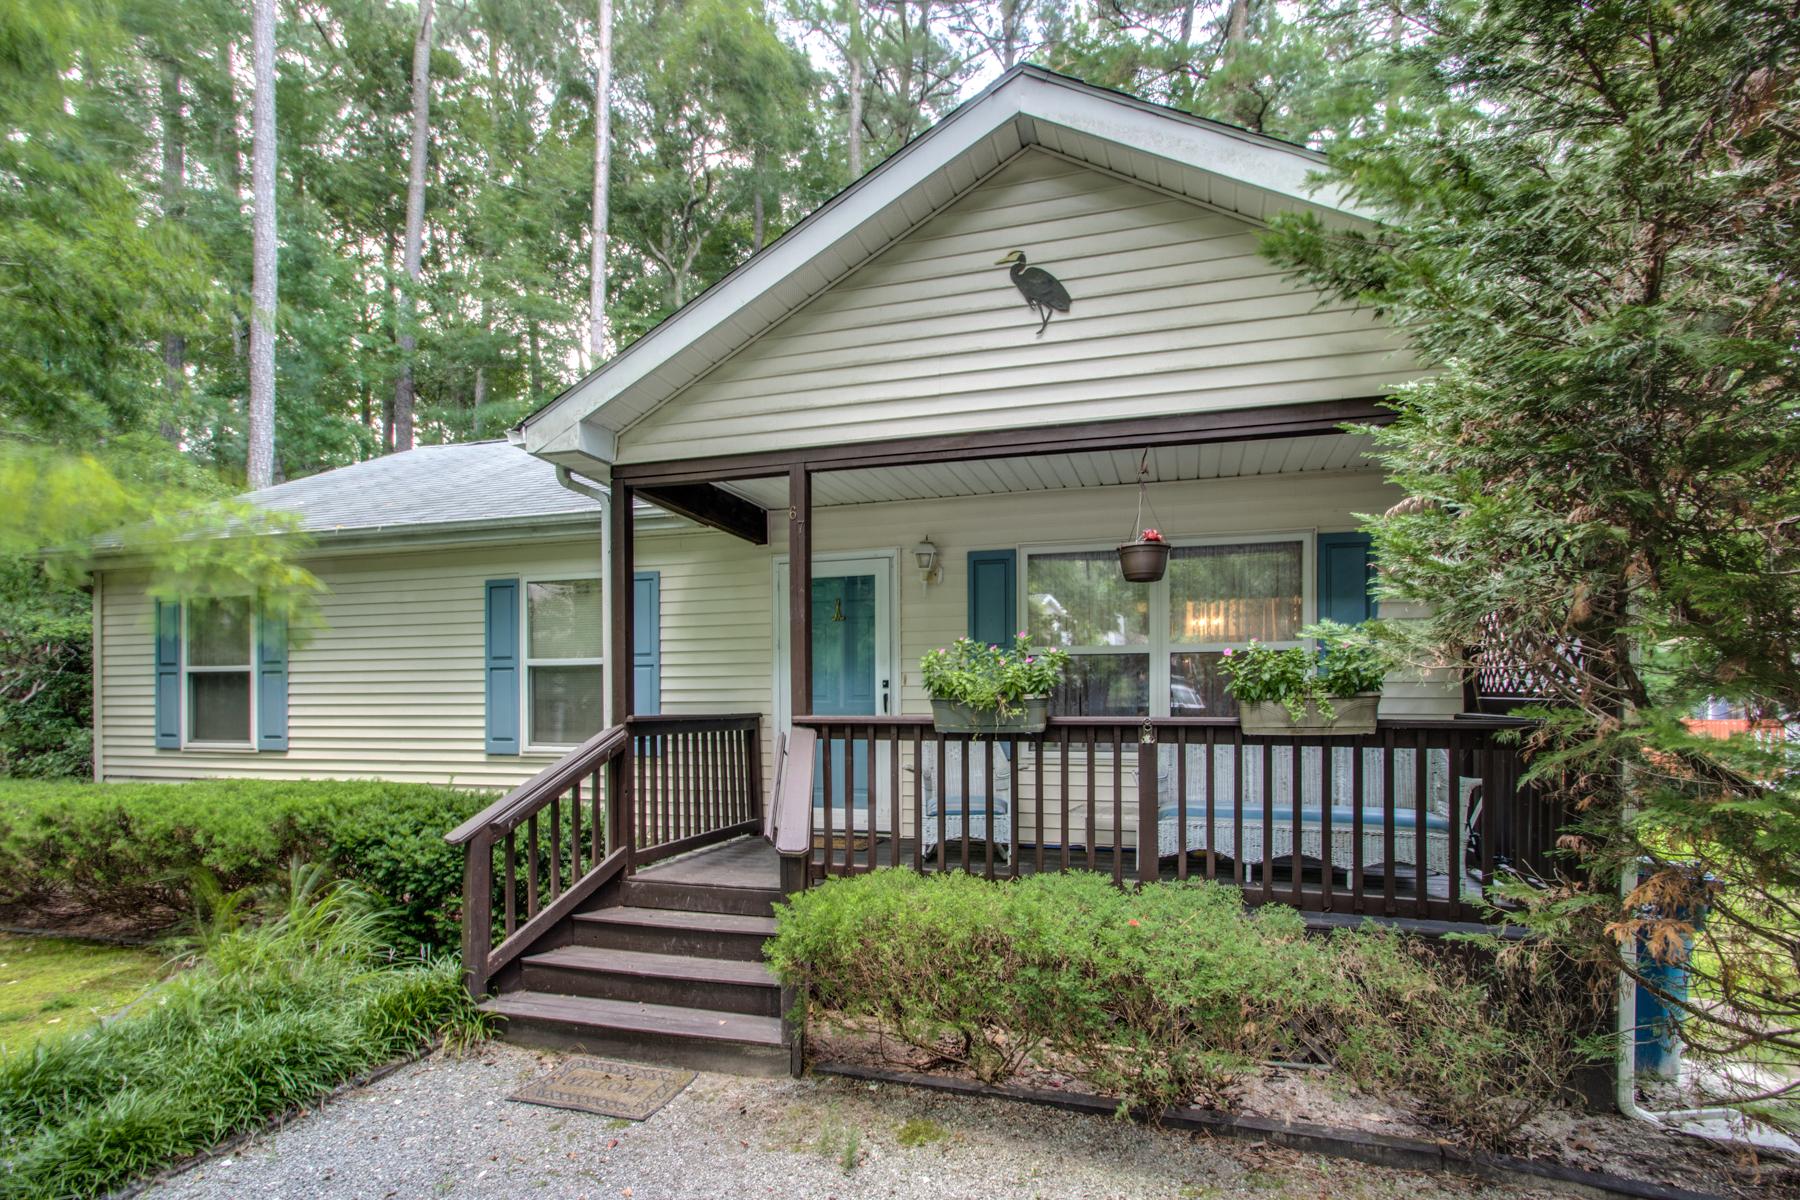 Tek Ailelik Ev için Satış at 67 Falcon Bridge Rd , Ocean Pines, MD 21811 67 Falcon Bridge Rd, Ocean Pines, Maryland 21811 Amerika Birleşik Devletleri